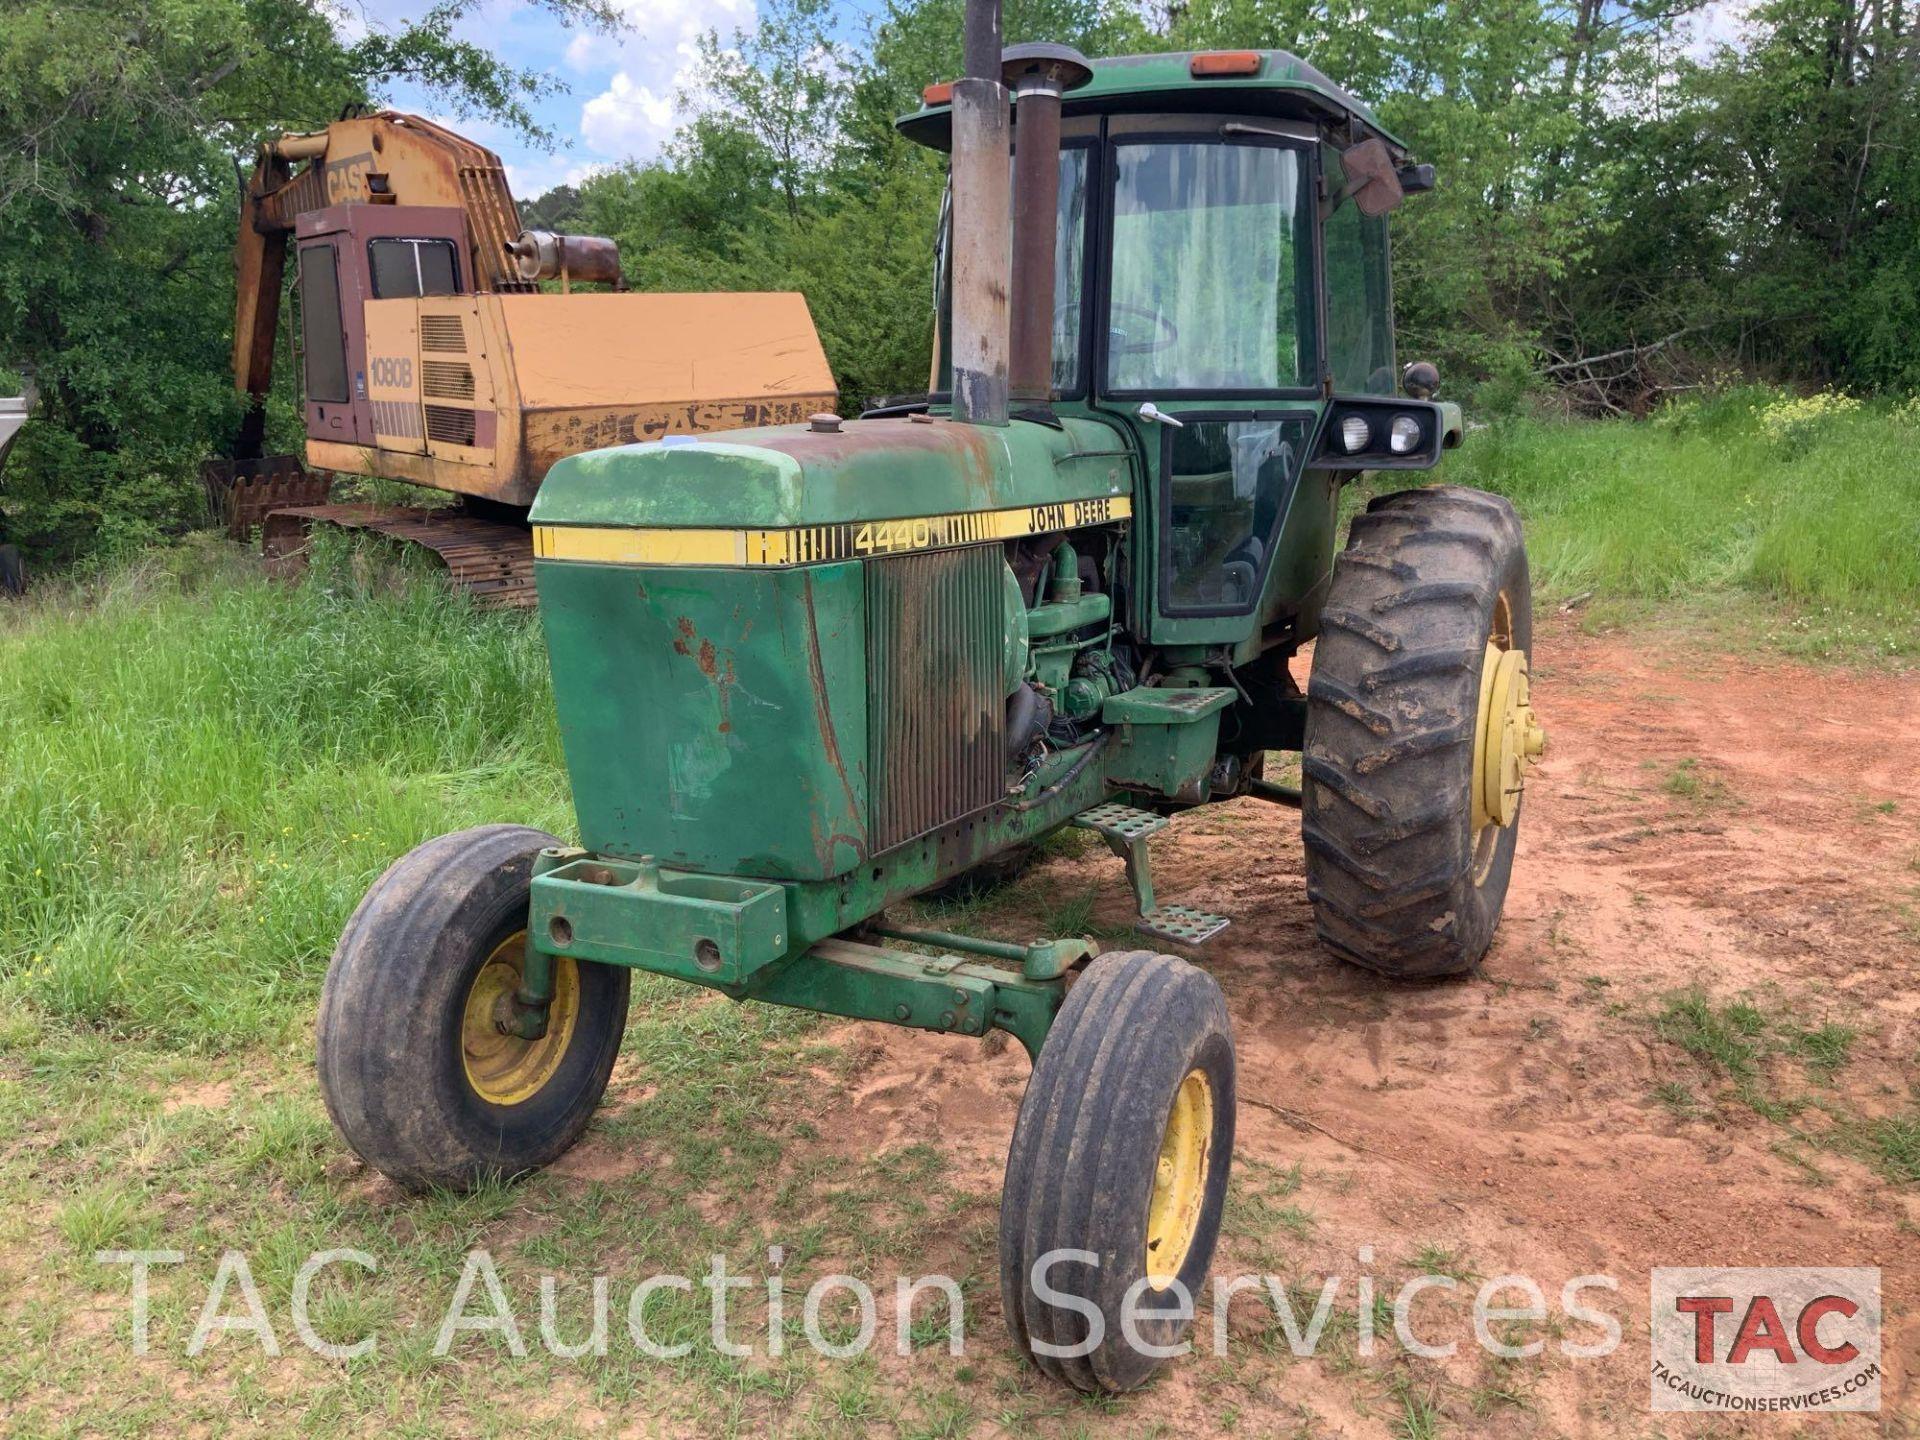 John Deere 4440 Tractor - Image 2 of 31